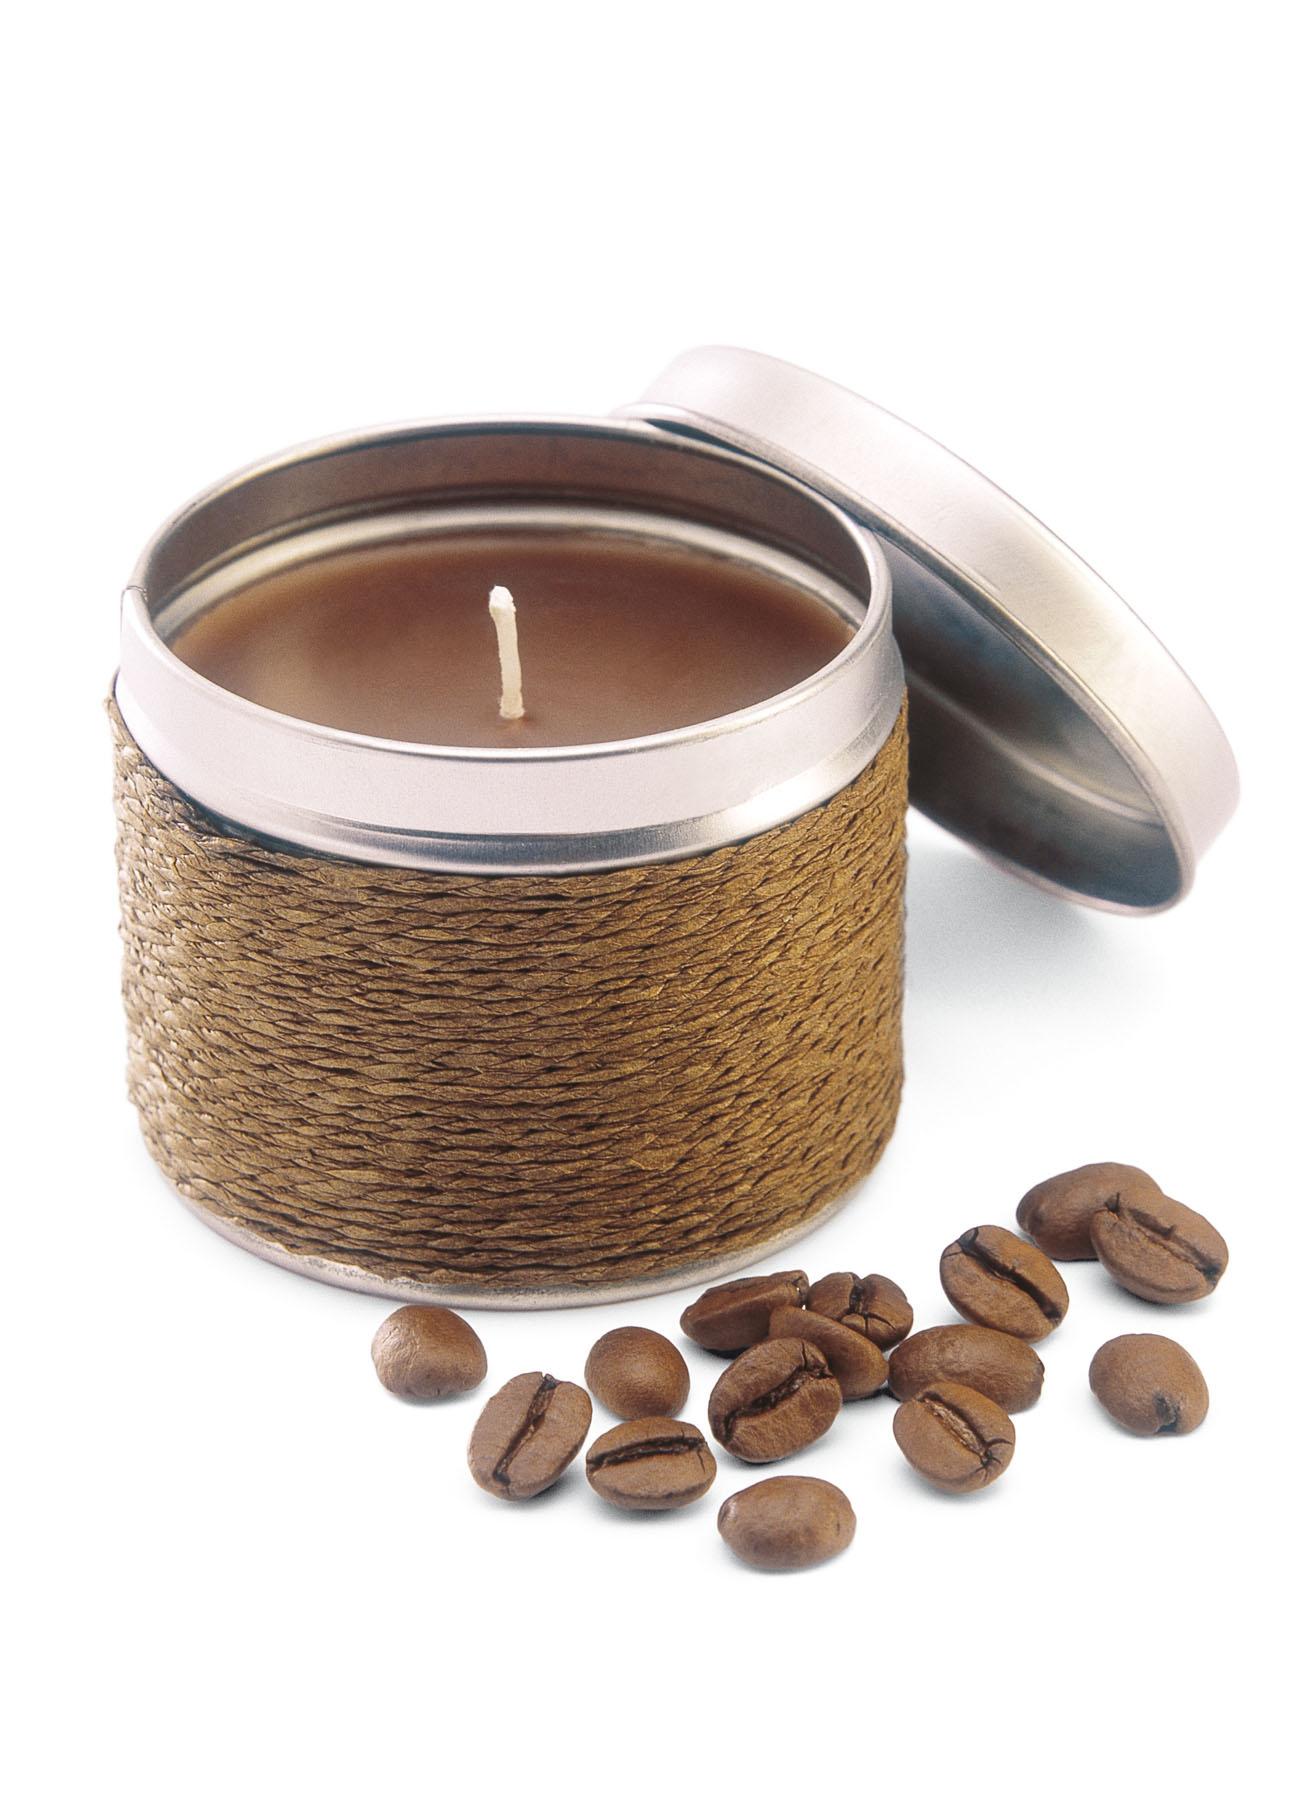 Favorit Kerze mit Kaffeeduft « Merkur Werbemittel HB01